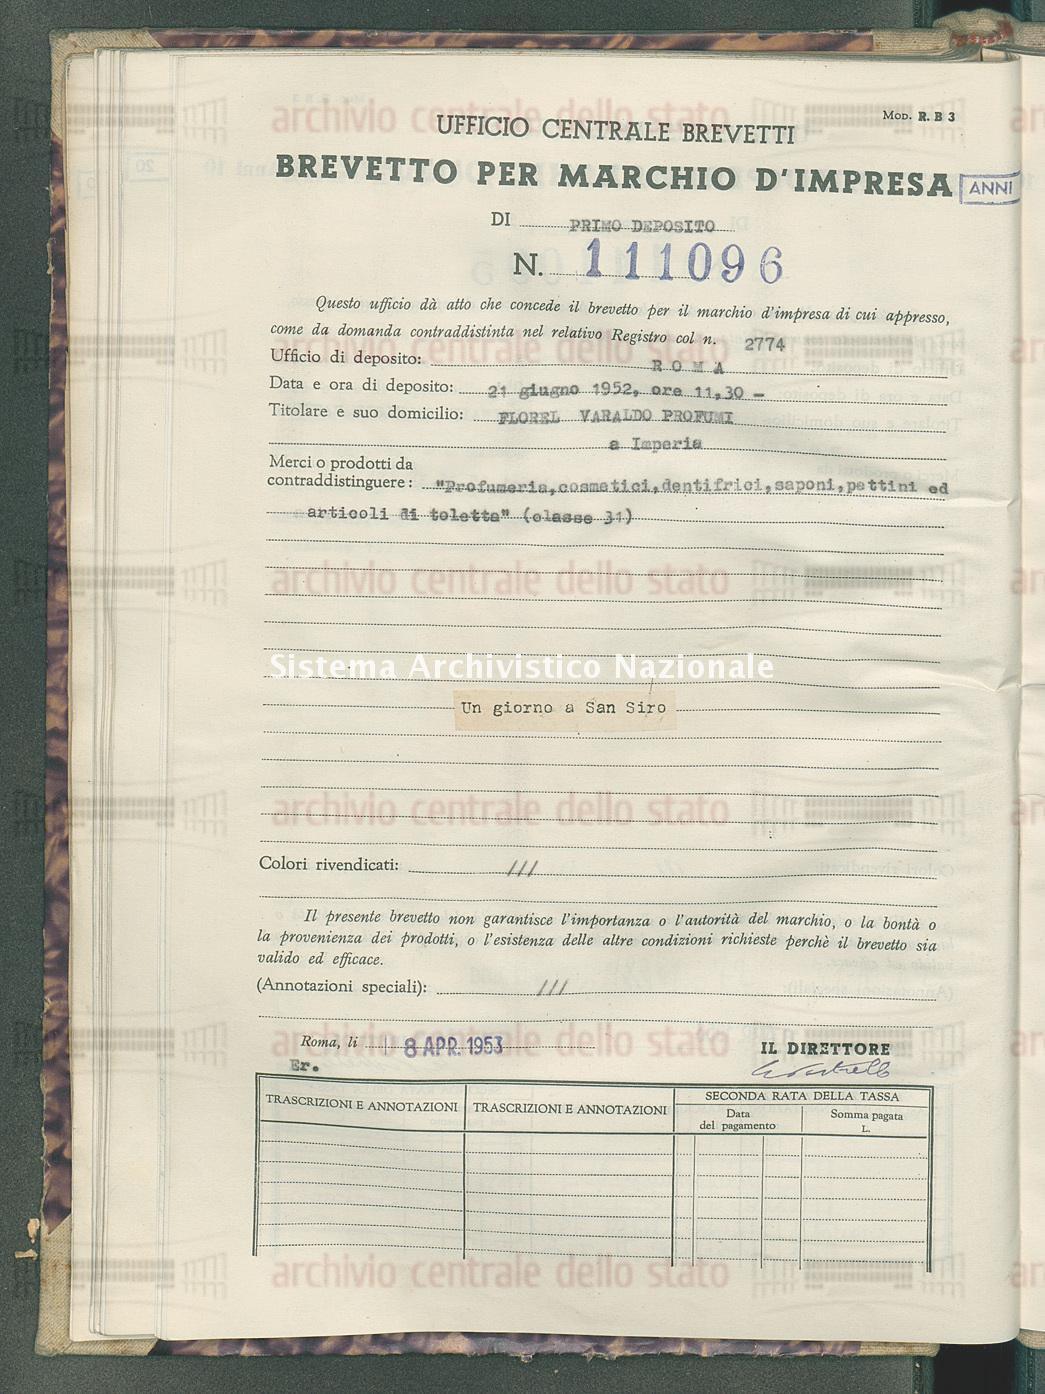 'Profumeria, cosmetici, dentifrici, saponi, pettini ed articoli di tol Florel Varaldo Profumi (08/04/1953)